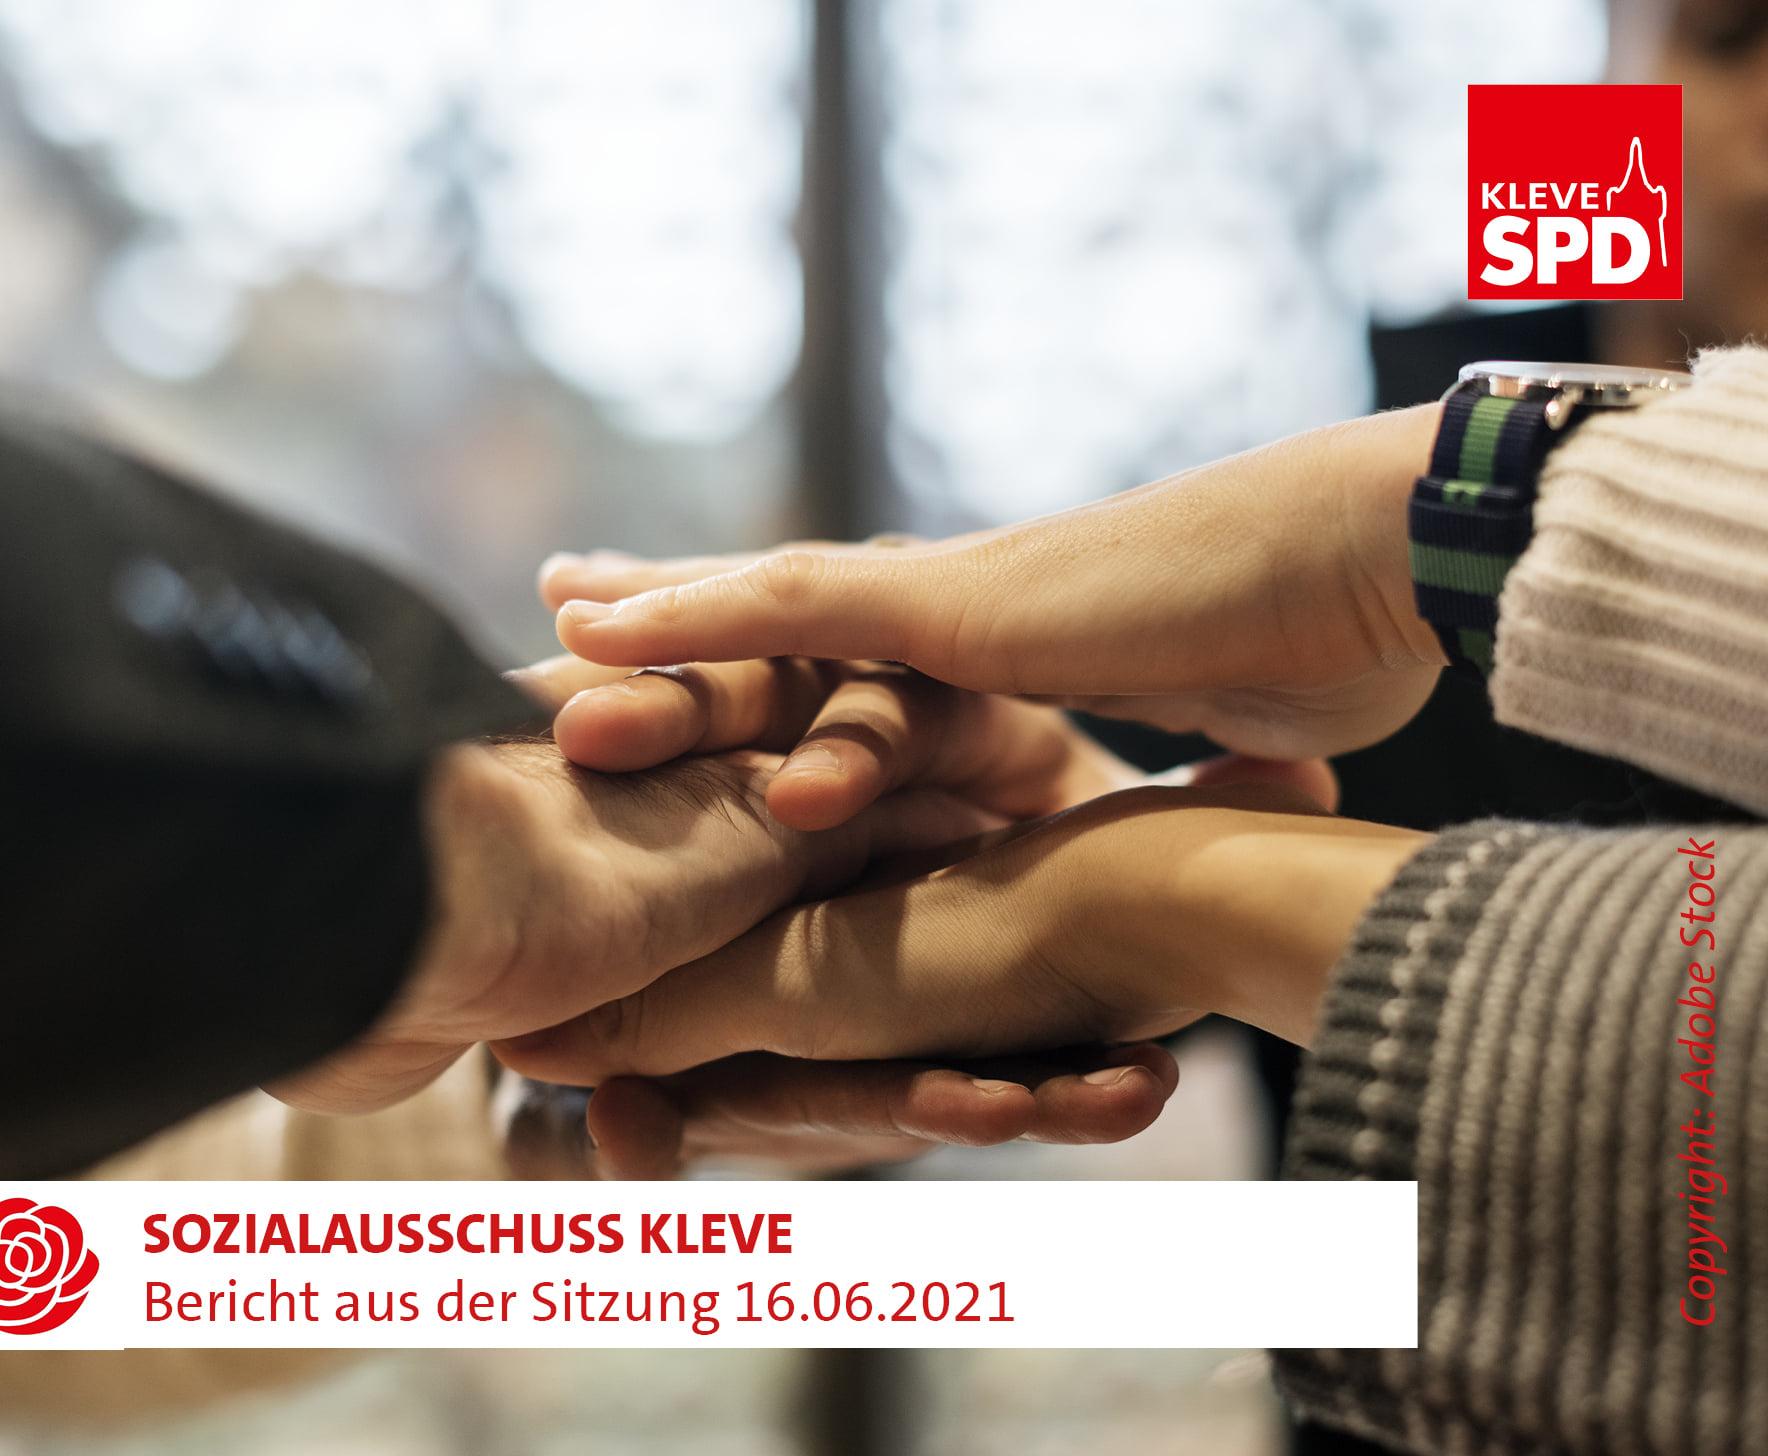 Sozialausschuss